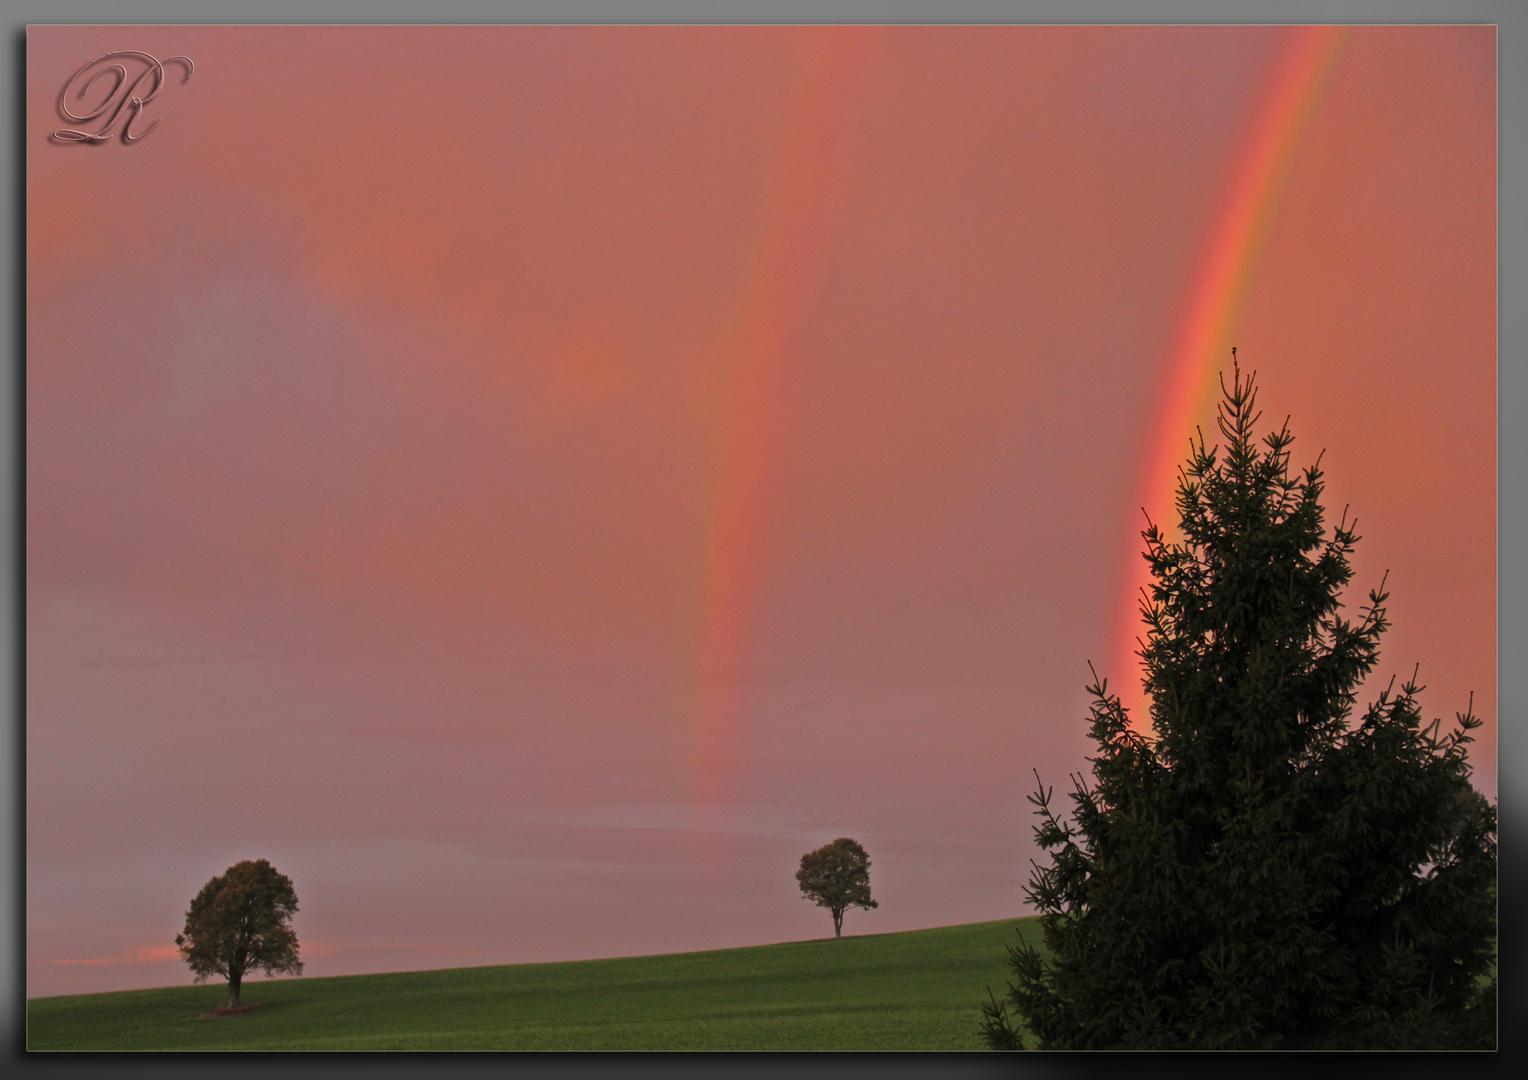 Morgenrot mit Regenbogen